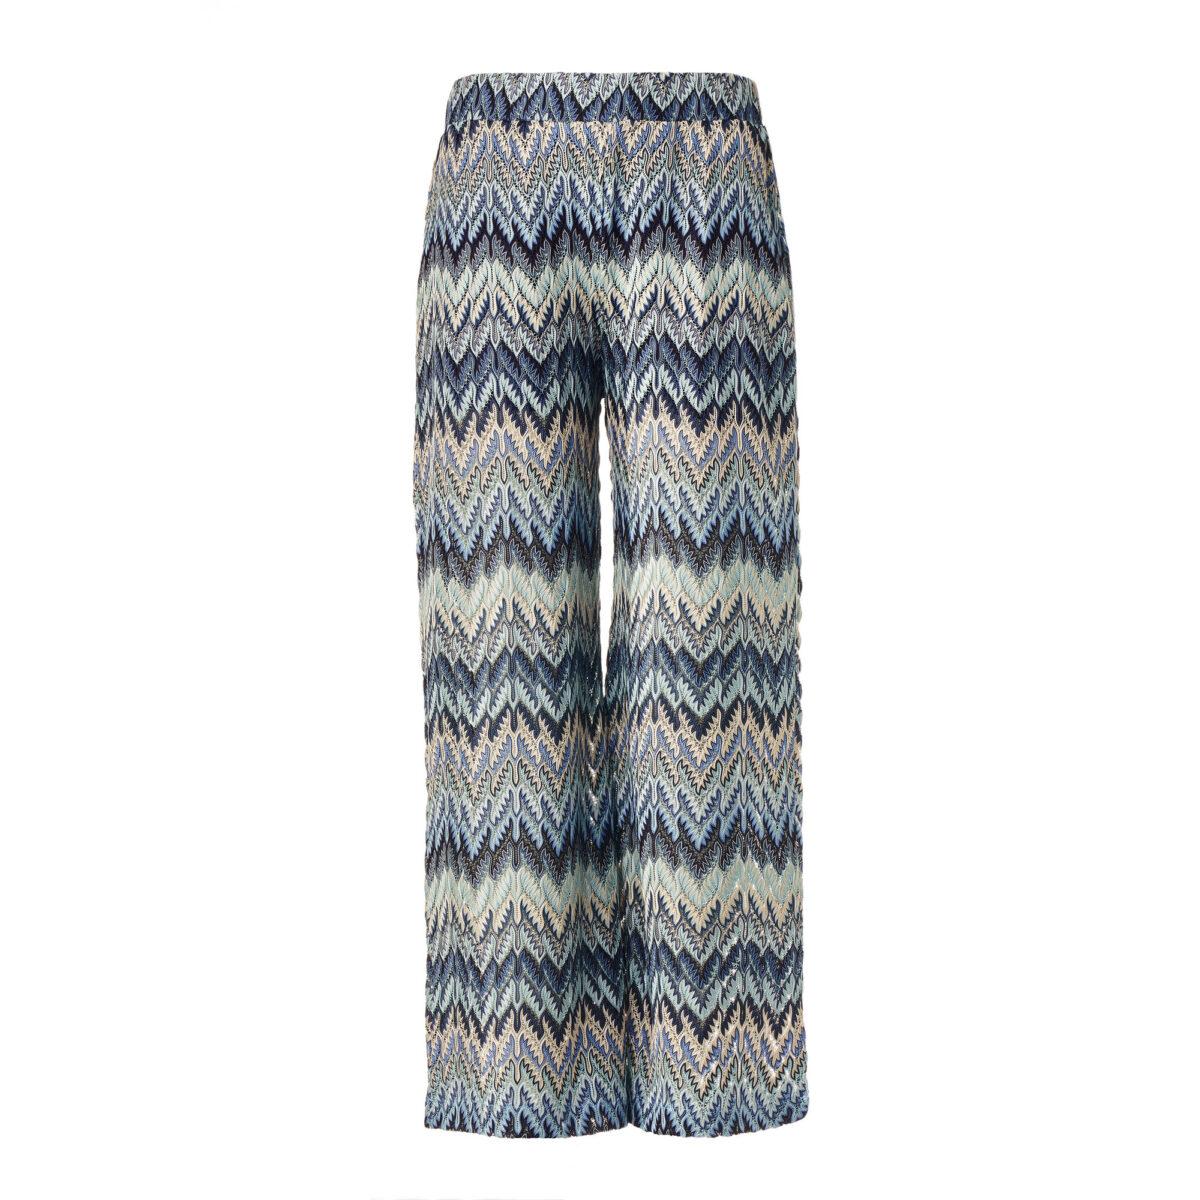 Pantalone Cropped a maglia raschel Blu - vista frontale | Nicla